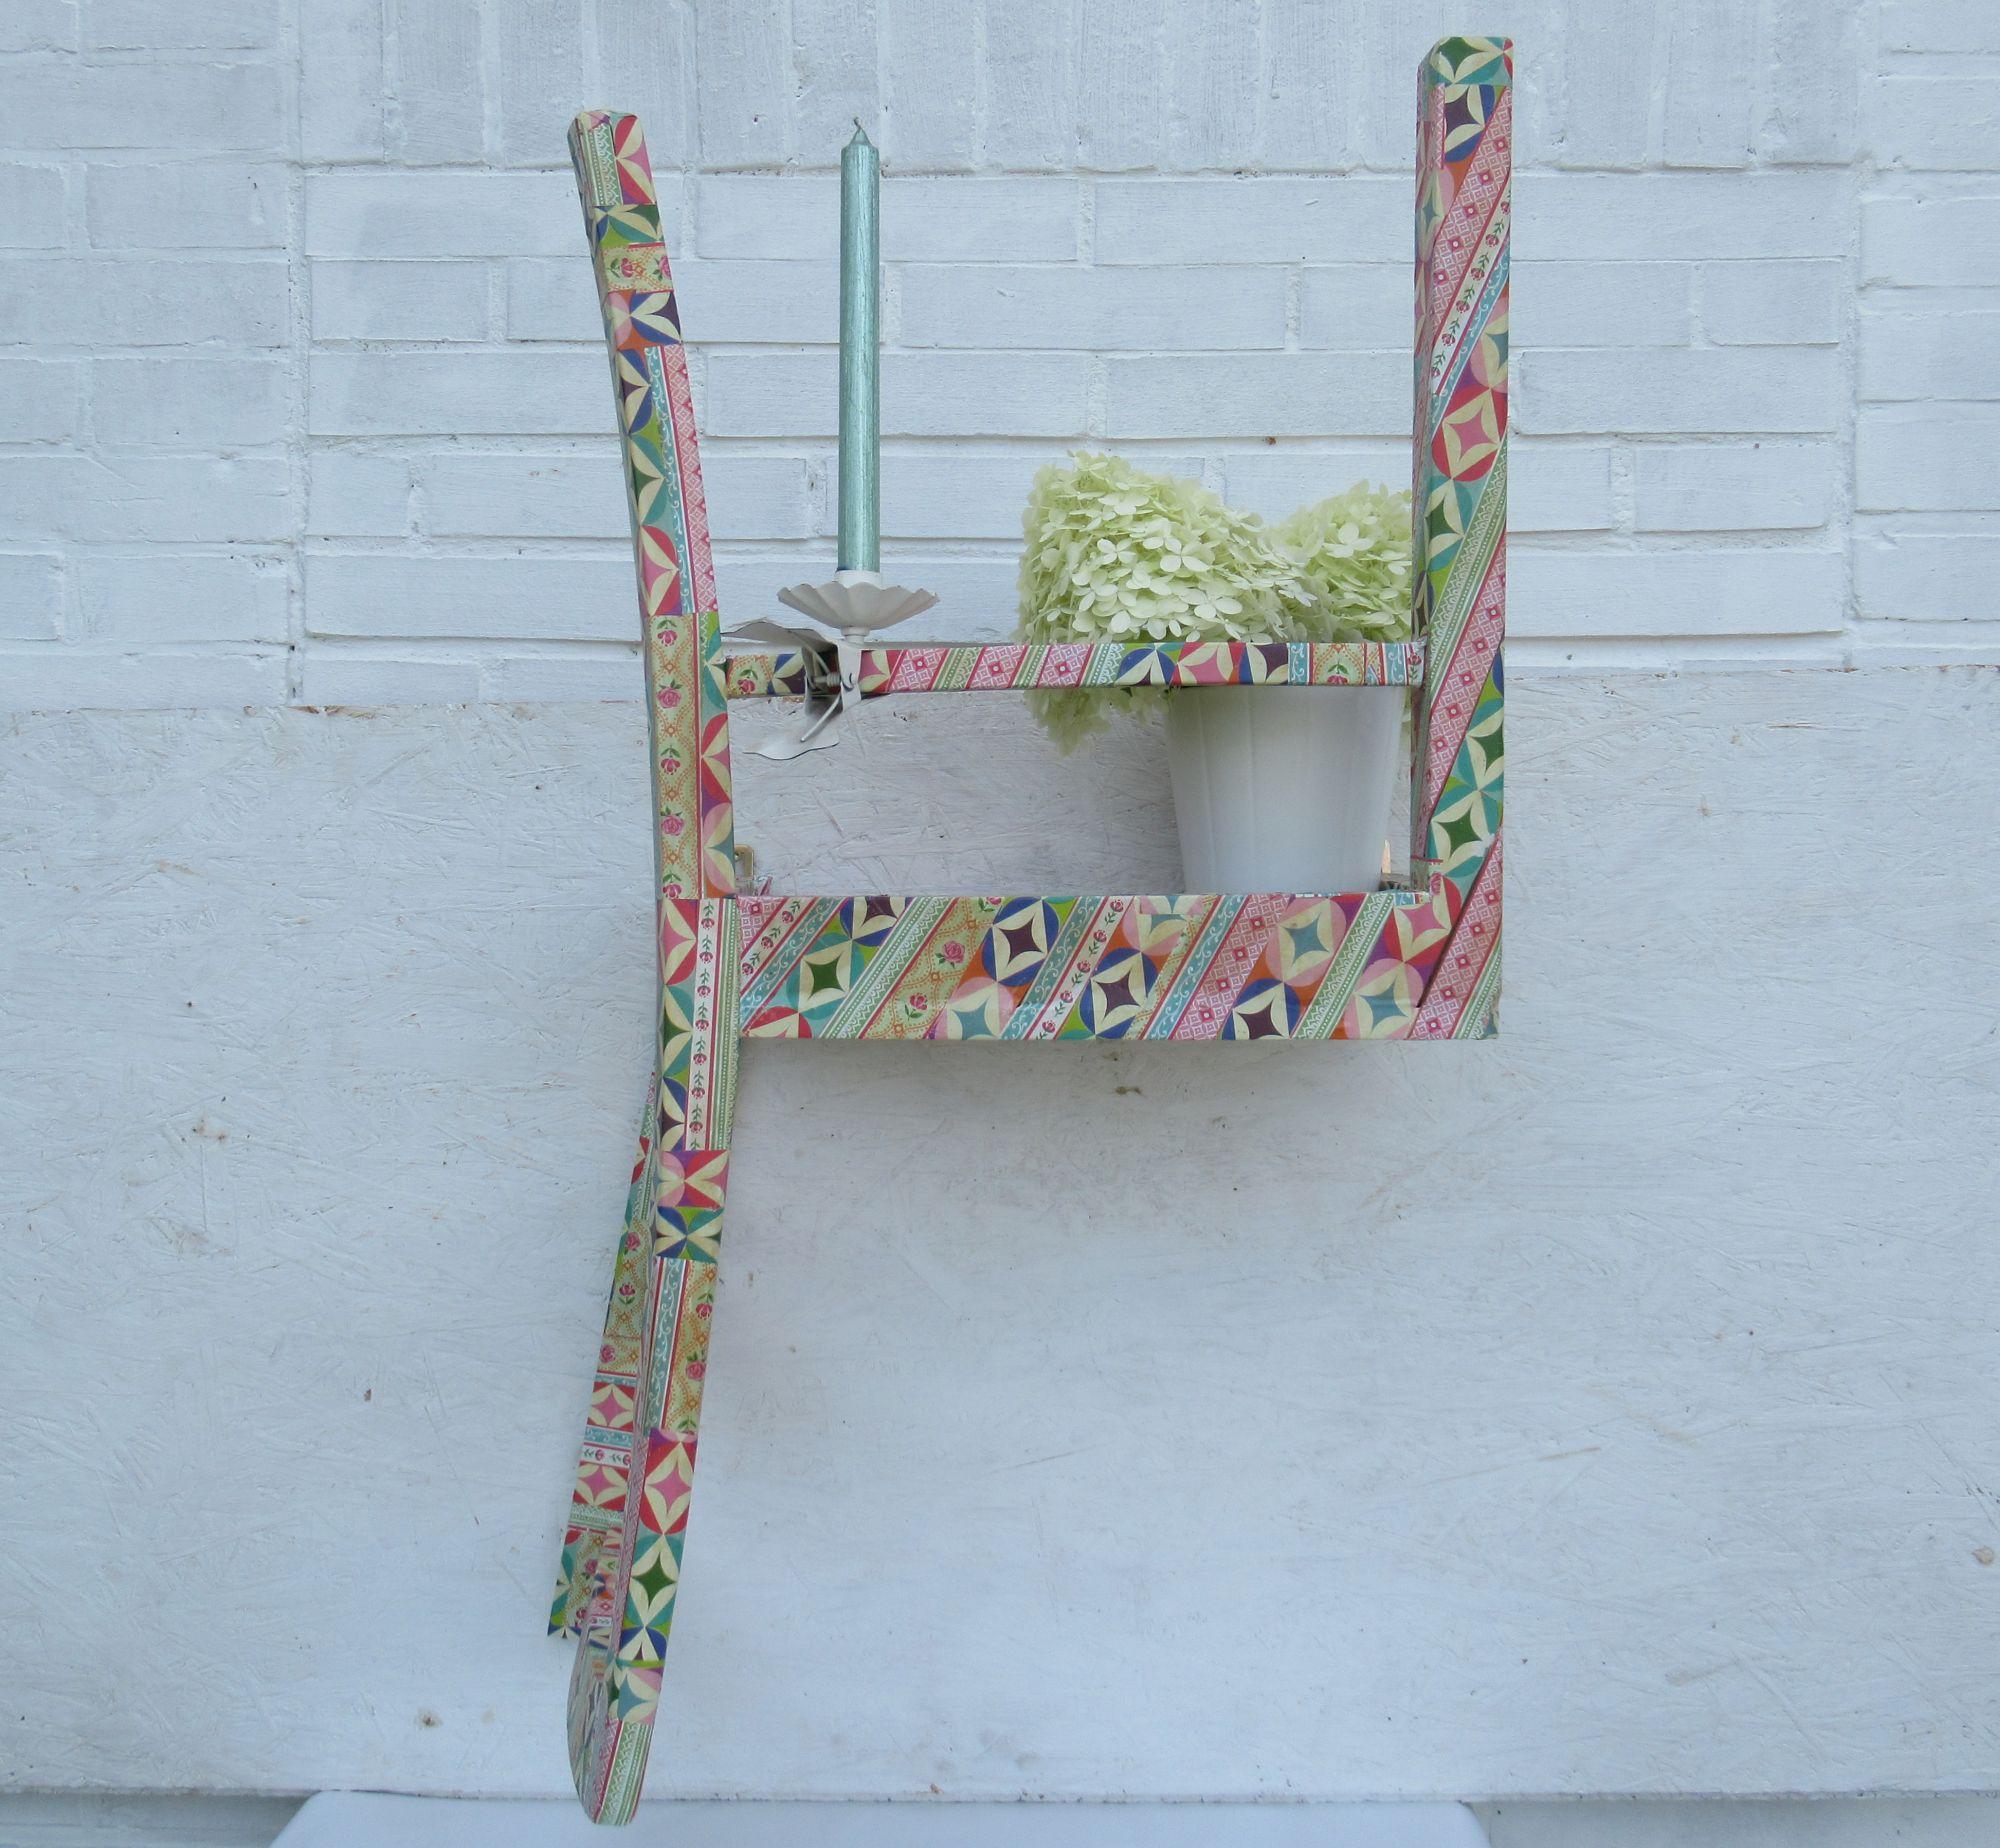 Wandregal aus einem alten Stuhl gebaut.